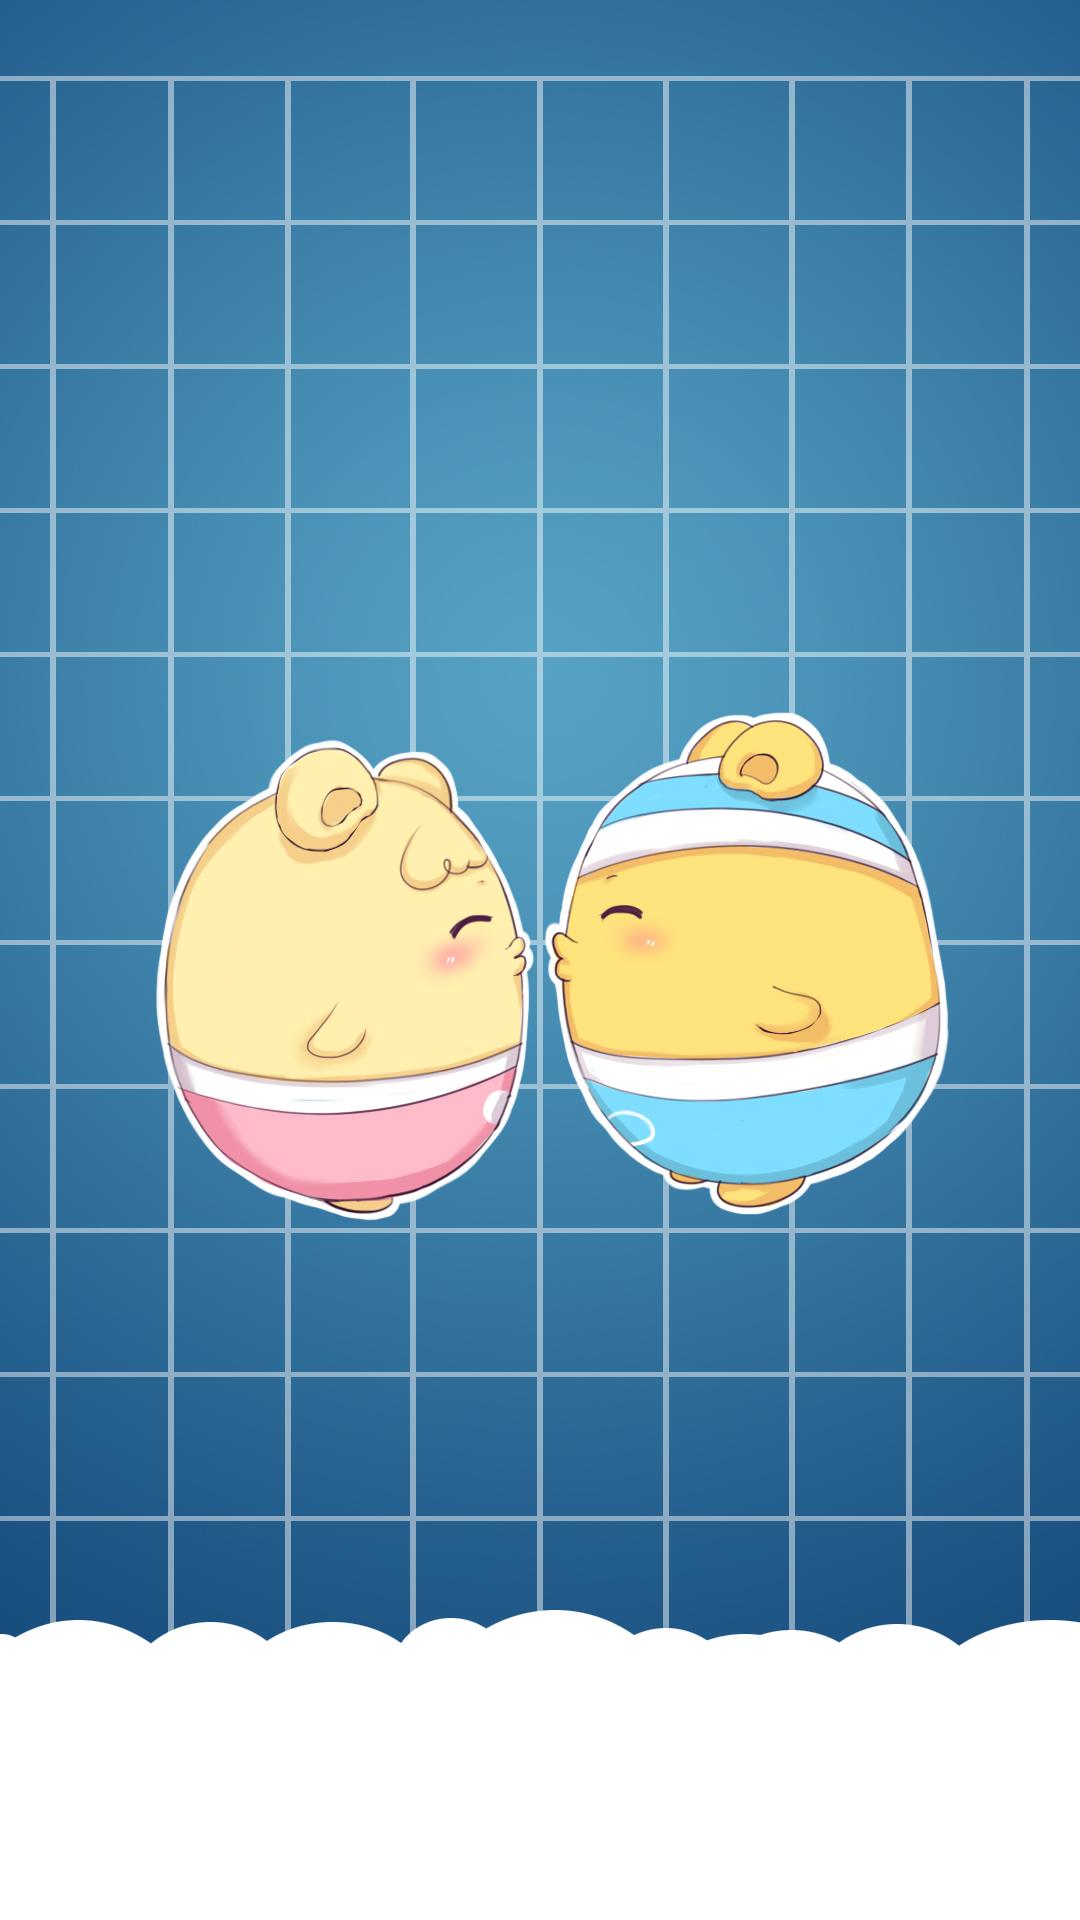 早安蛋蛋可爱壁纸